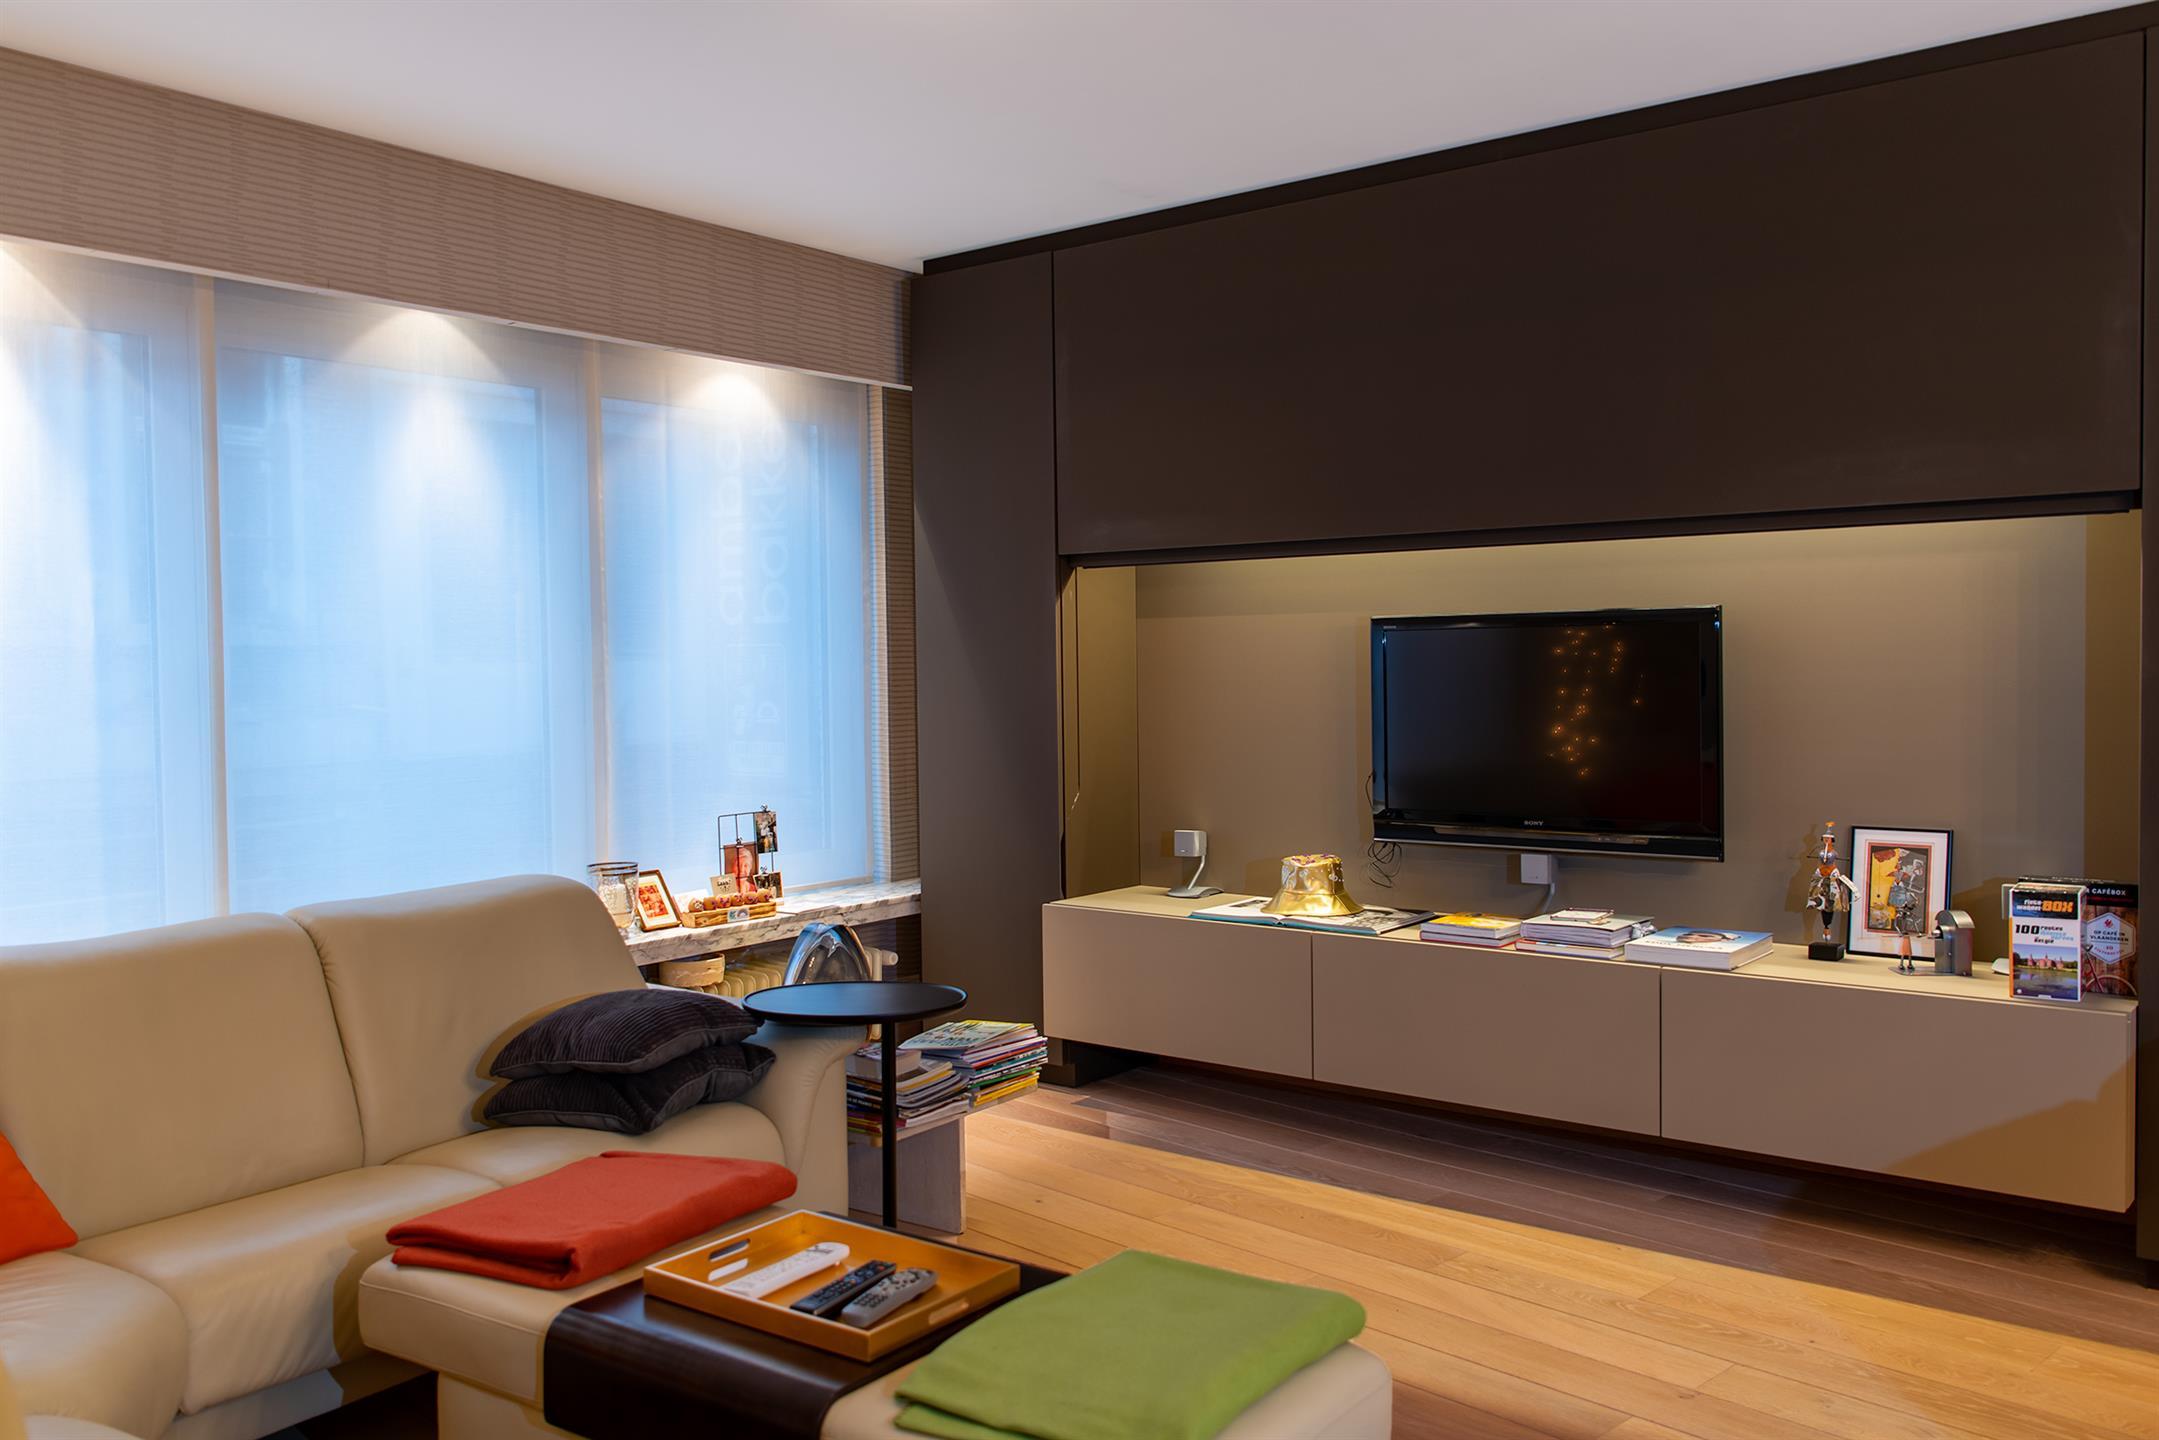 Duplex - Mechelen - #4335765-3